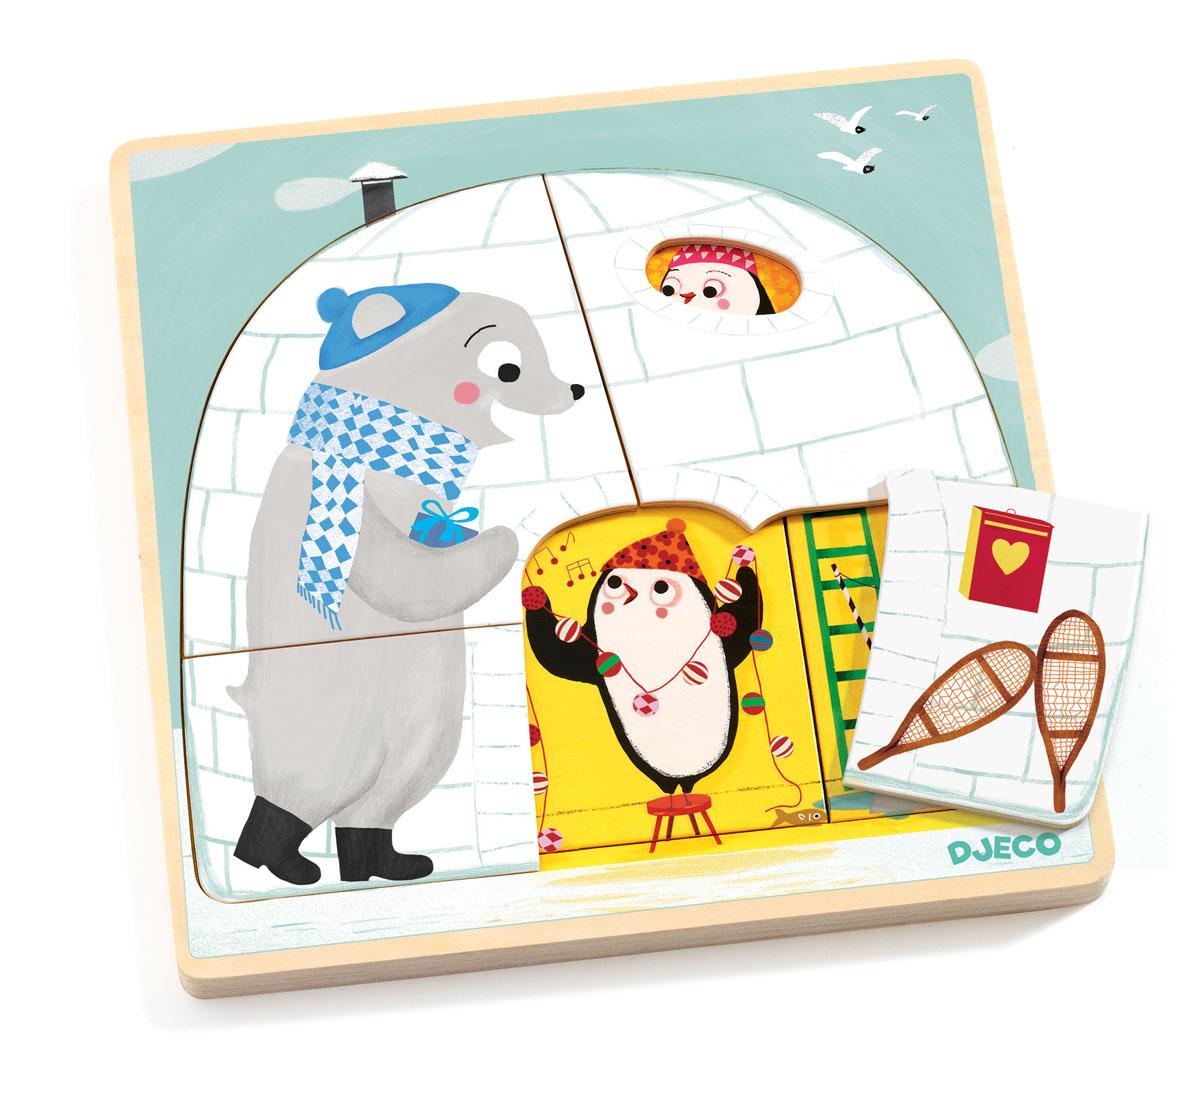 Djeco Пазл для малышей Иглу01485Деревянный пазл Иглу от французского производителя игрушек Djeco – великолепный трехслойный пазл для малышей от 2-х лет. Пазл представляет собой деревянное поле размером 22 х 22 см. Поле состоит из трех слоев, каждый из которых «рассказывает» увлекательные истории из жизни забавных пингвинчиков. Первый слой пазла состоит из 4-х деталей, второй – из 3-х, третий – из 2-х. Набор прекрасно развивает логику ребенка, тренирует моторику и тактильные ощущения. Детали будут давать ребенку представление о формах и объемах. Набор продается в красивой коробке и идеально подходит для подарка. Все детали изготовлены из высококачественных материалов.